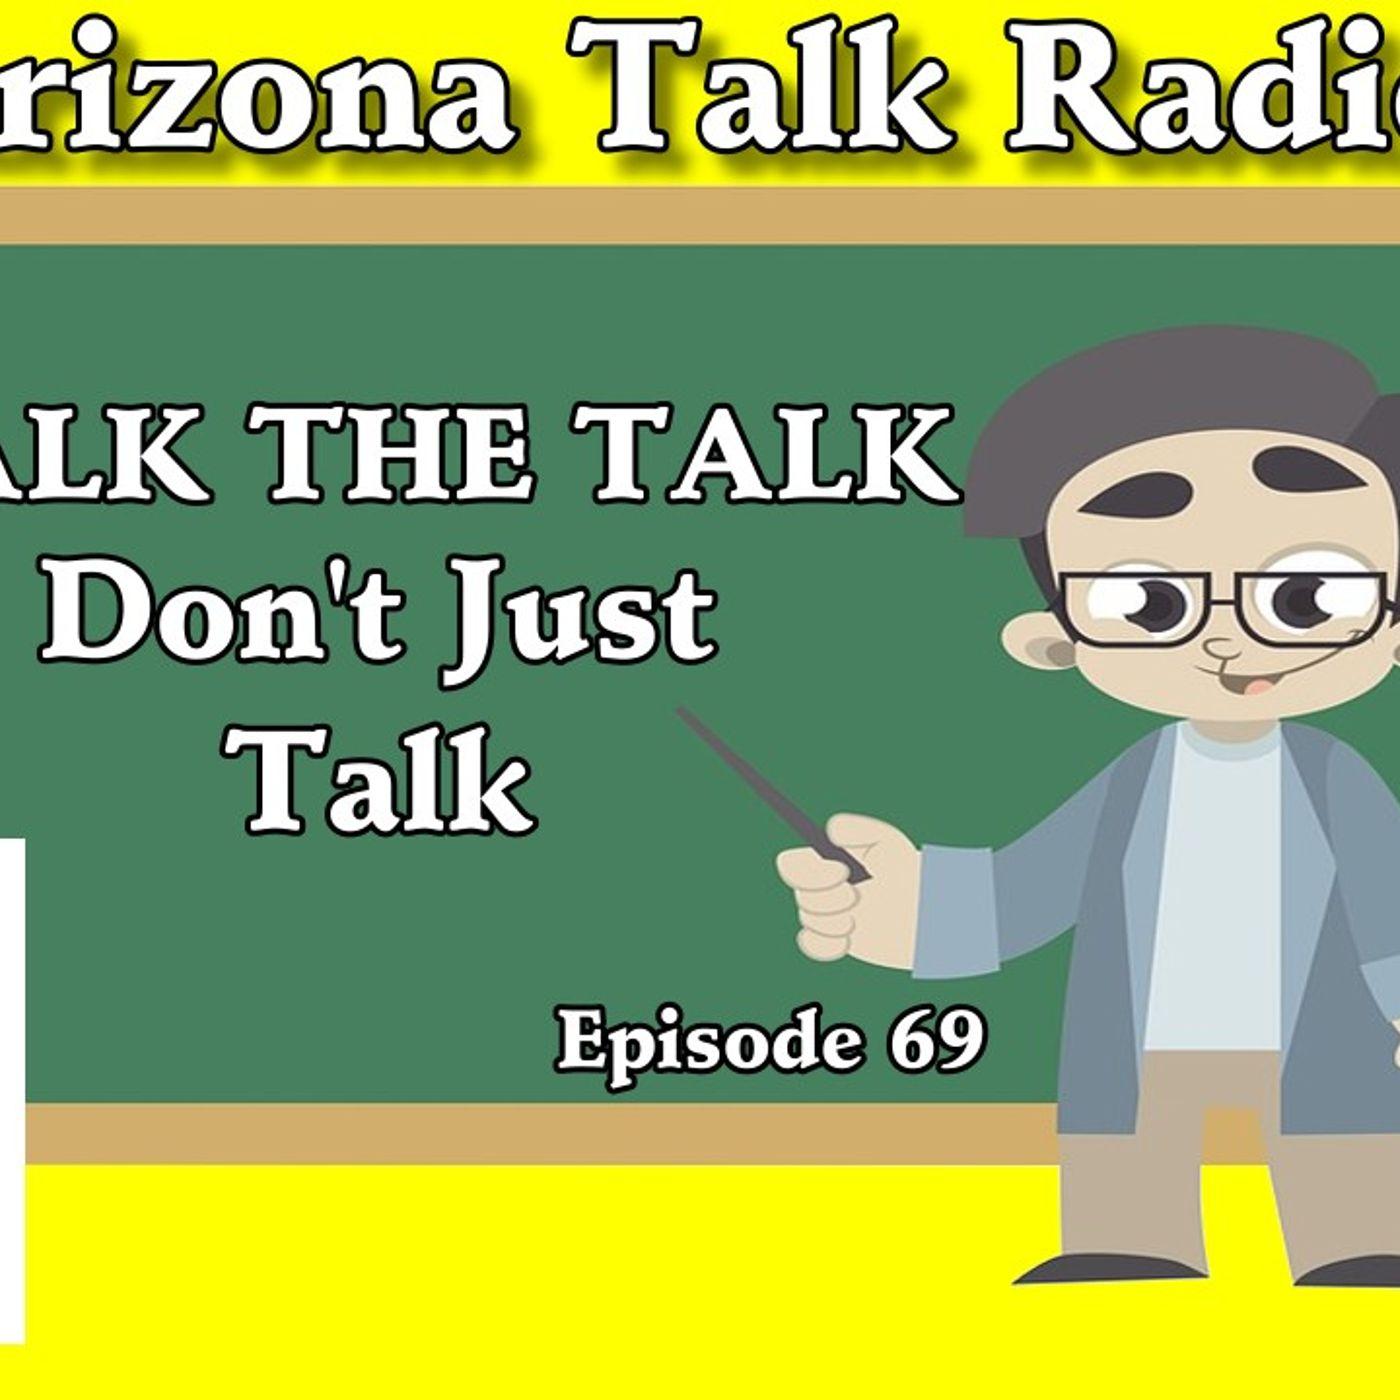 Walk The Talk, Don't Just Talk, Arizona Business People, Arizona Talk Radio 69